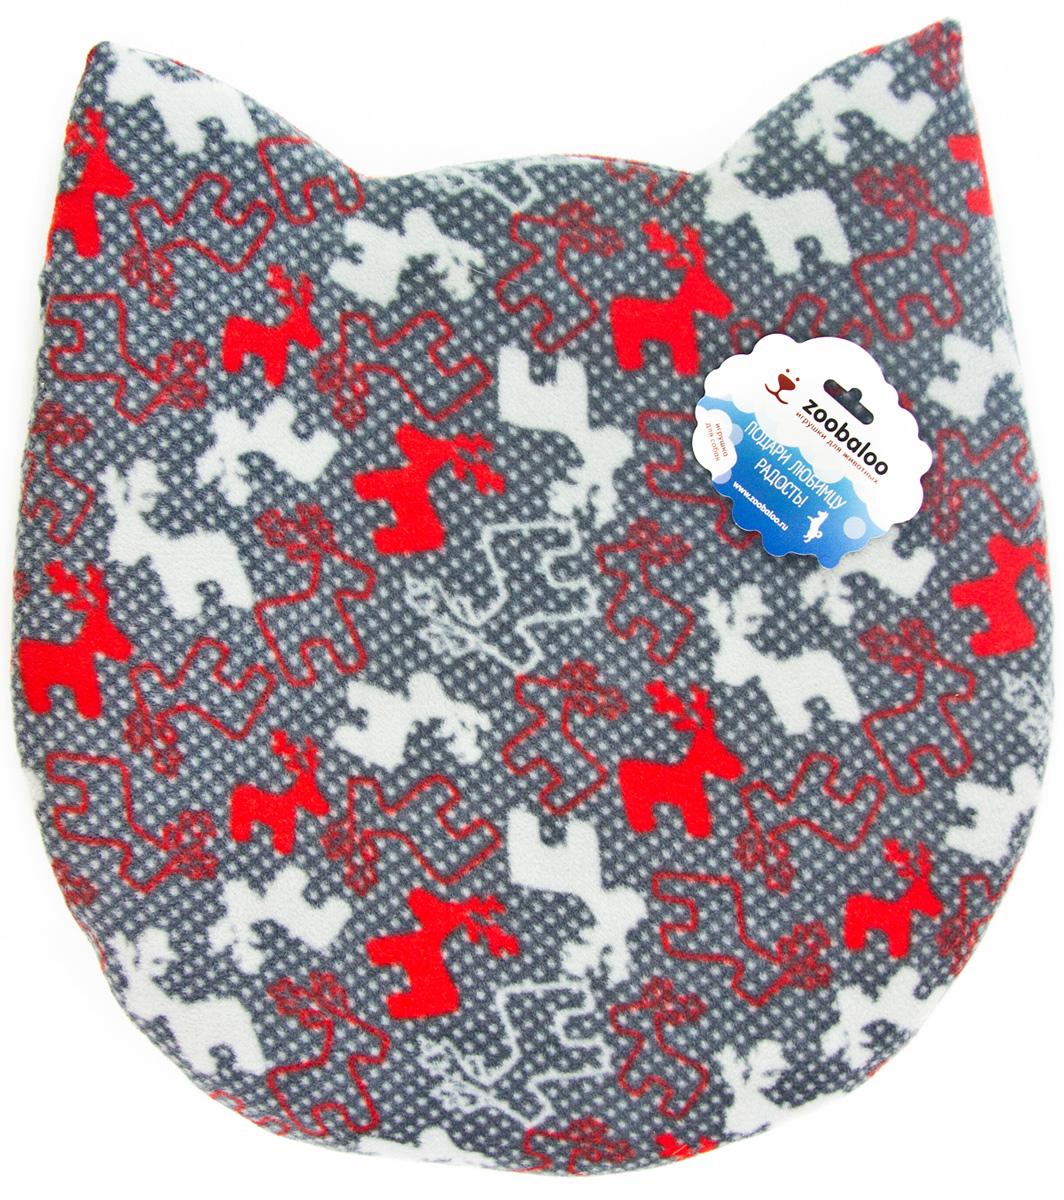 Лежак-коврик для животных Zoobaloo Мордашка. Олени, 45 х 50 см616Великолепный флисовый лежак-коврик Zoobaloo - это отличный аксессуар для вашего питомца, на котором можно спать, играться и снова, приятно устав, заснуть. Он идеально подходит для полов с любым покрытием. Изделиеподдерживает температурный баланс вашего питомца в любоевремя года. Наполнитель выполнен из синтепона.